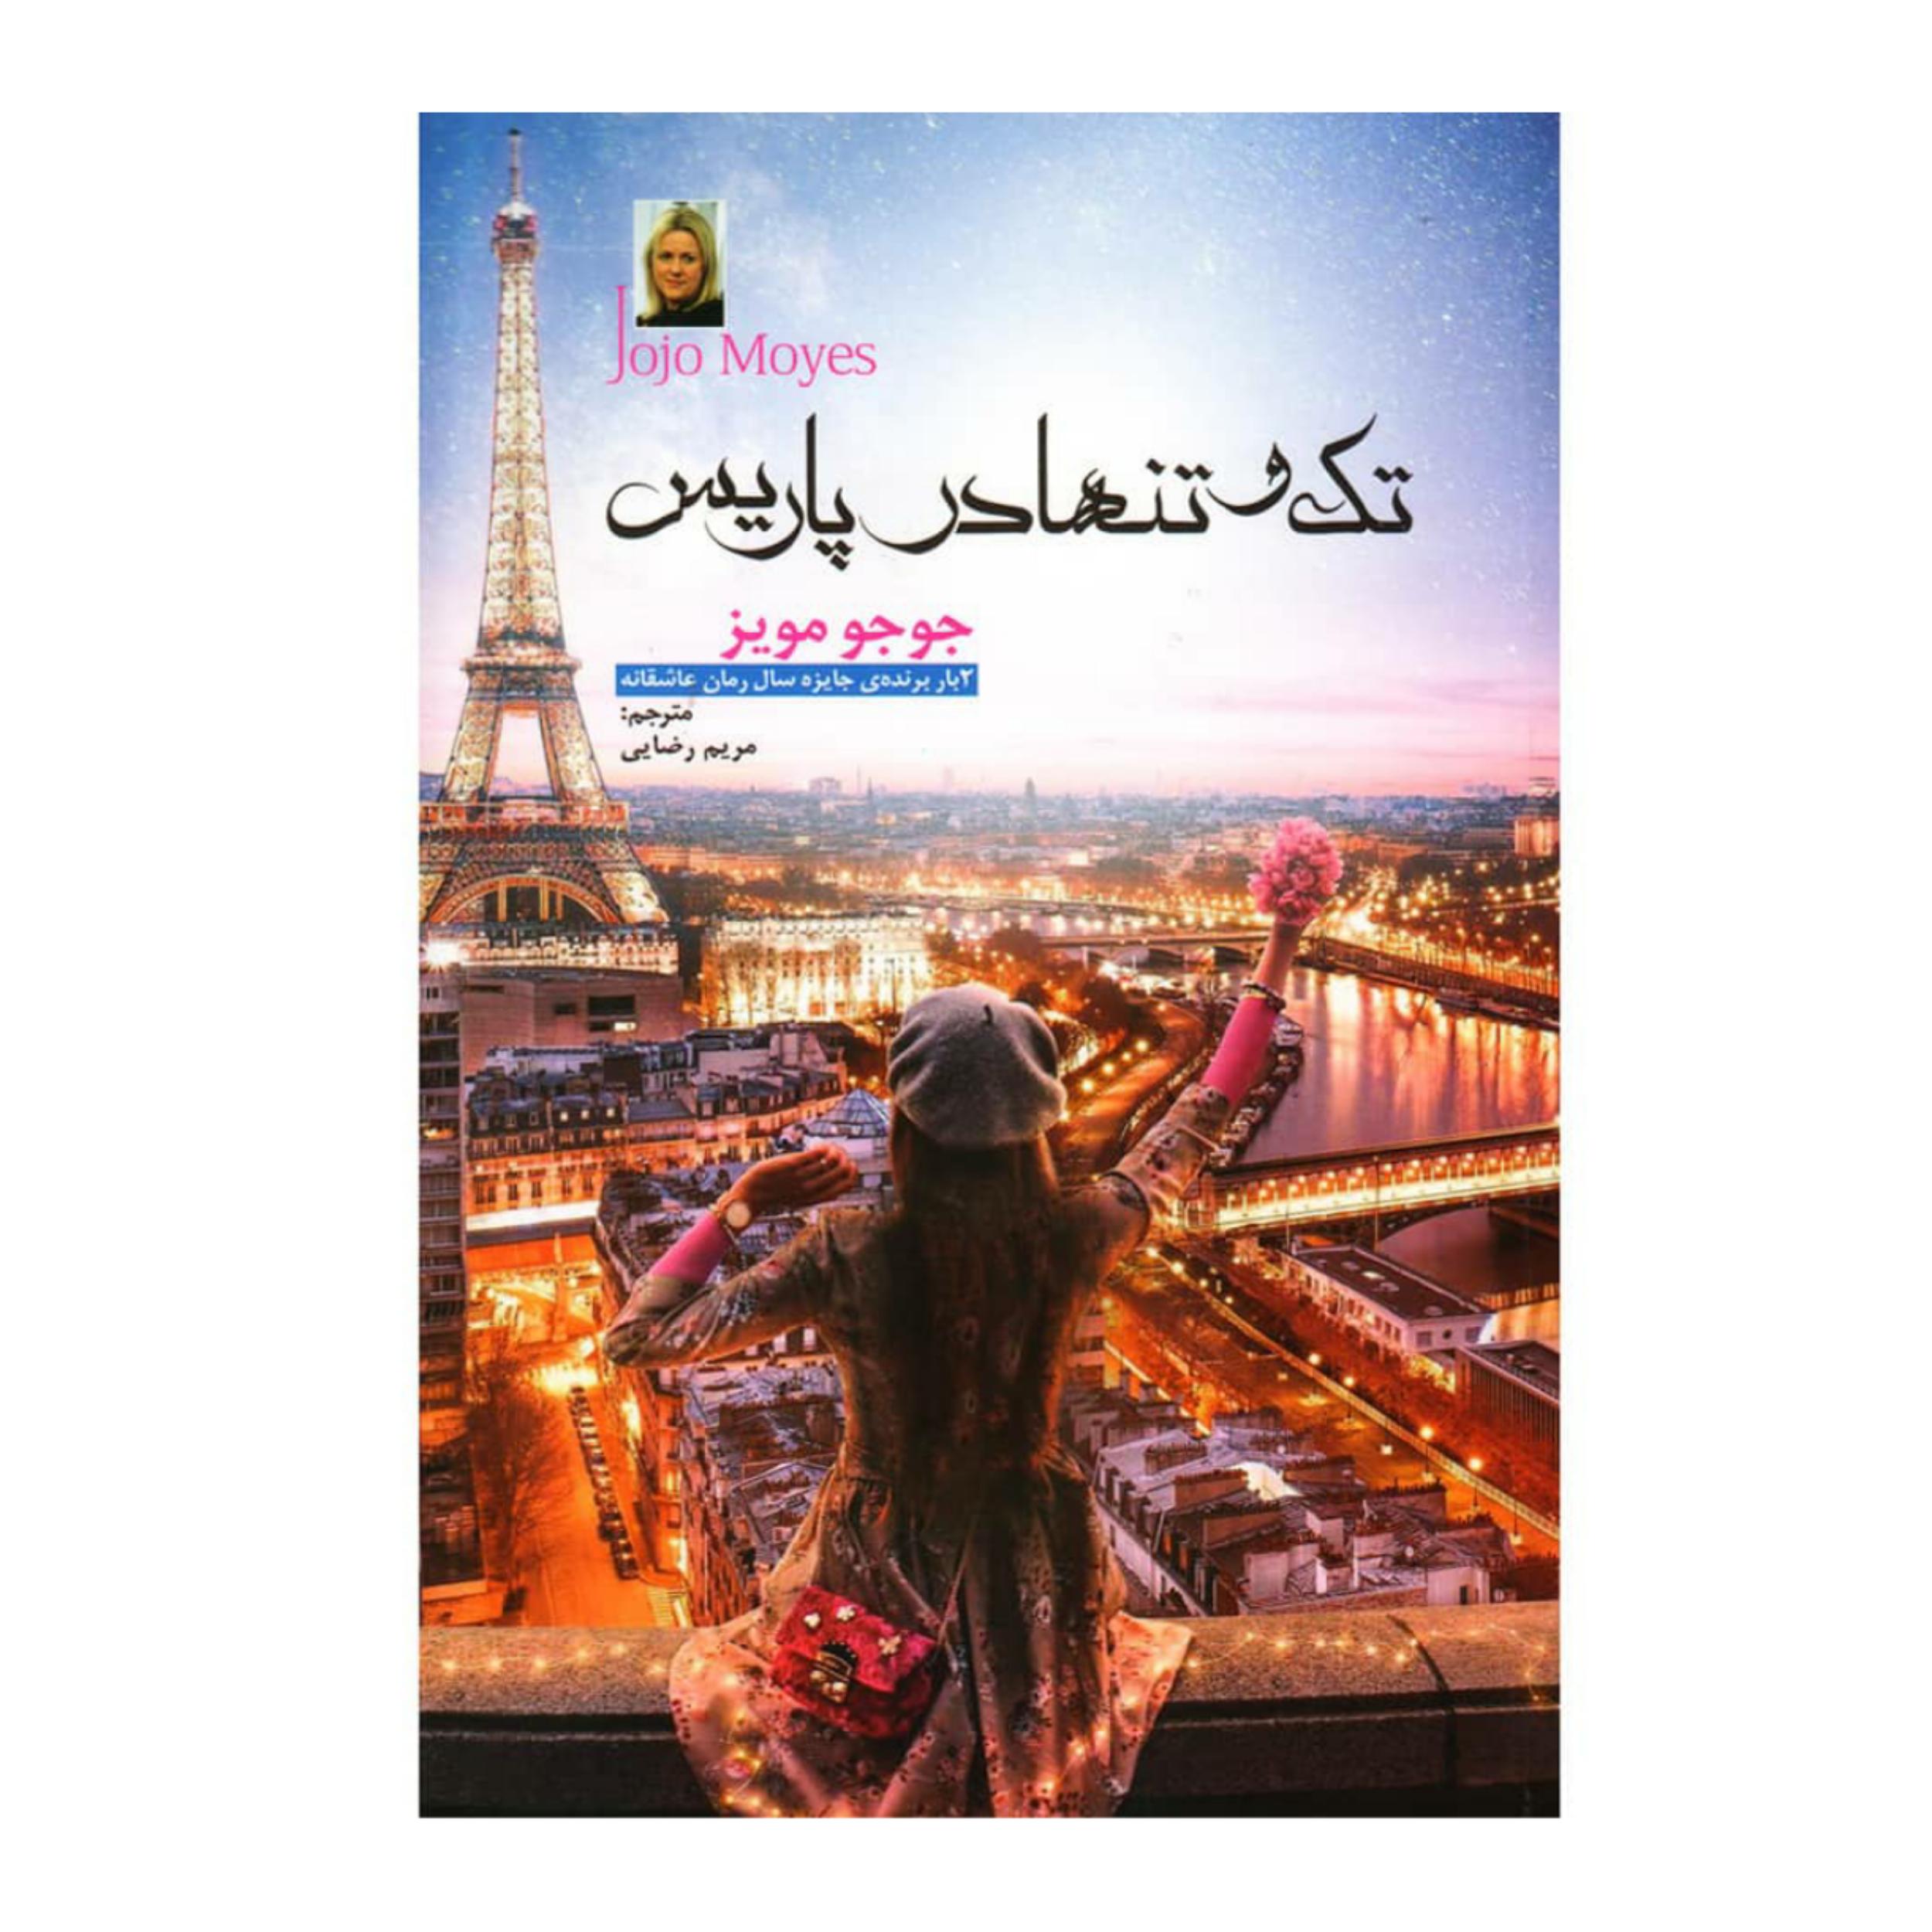 خرید                      کتاب تک و تنها در پاریس اثر جوجو مویز انتشارات نسیم قلم